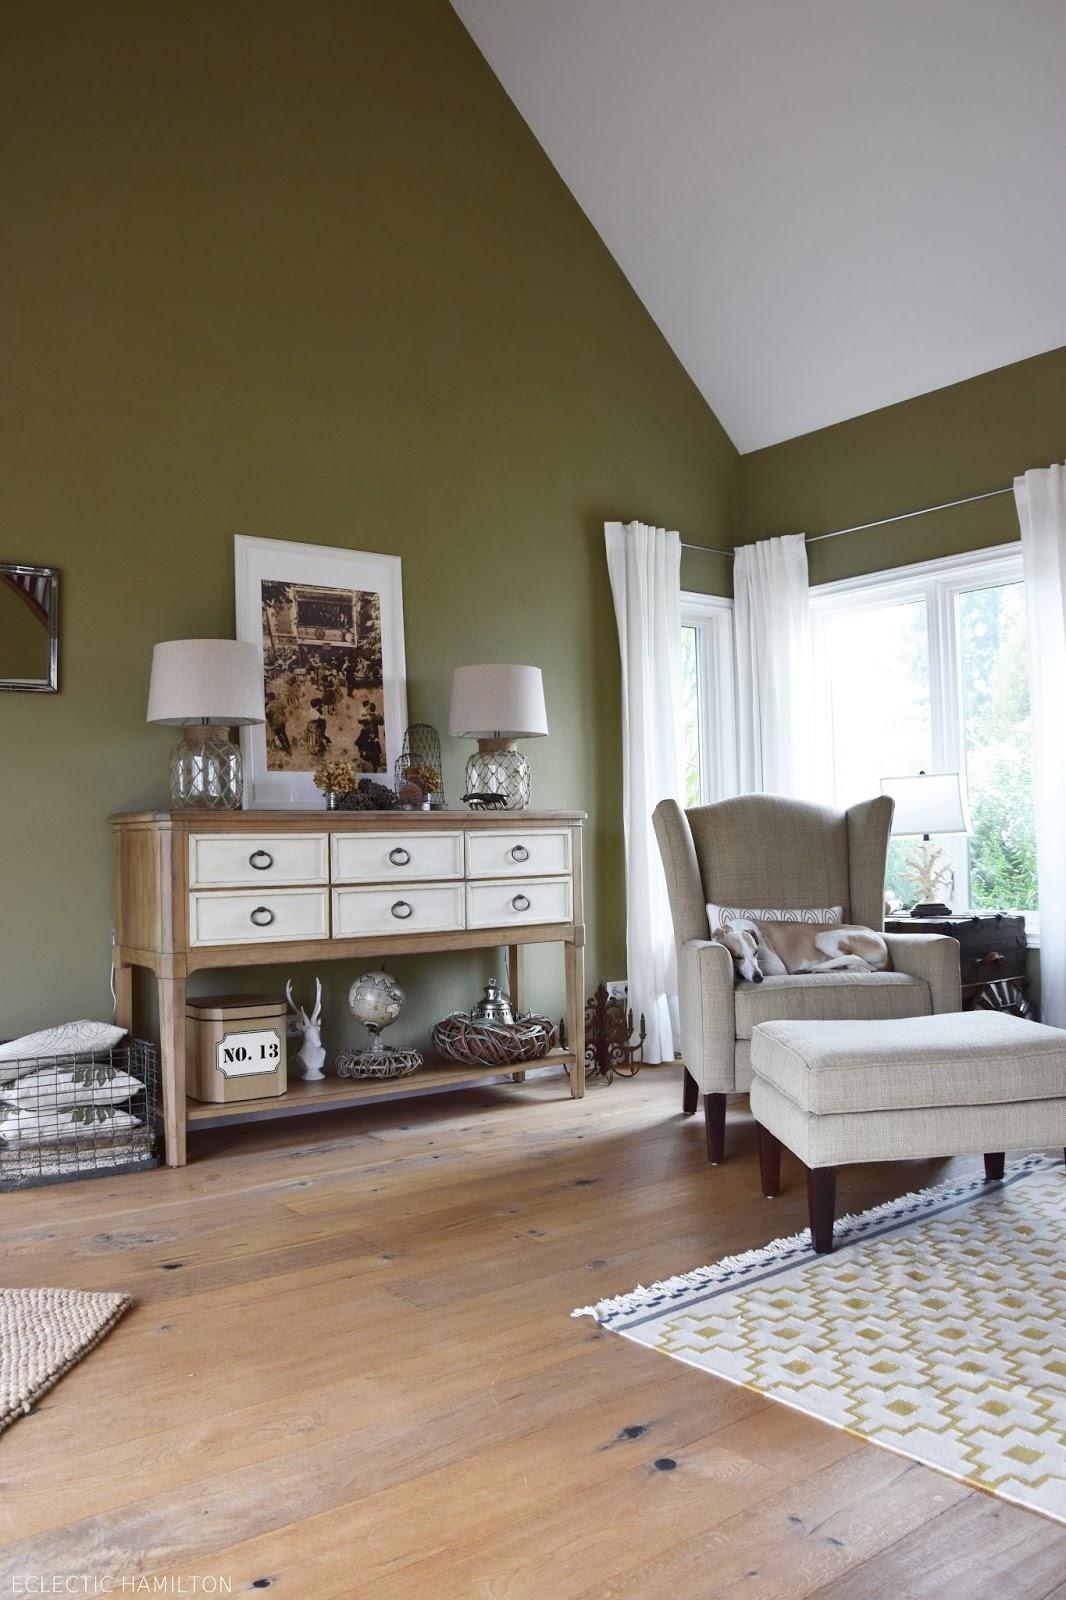 Mein Wohnzimmer Teil 2 ... Neu Gestaltet: Highboard + Sideboard | ECLECTIC  HAMILTON